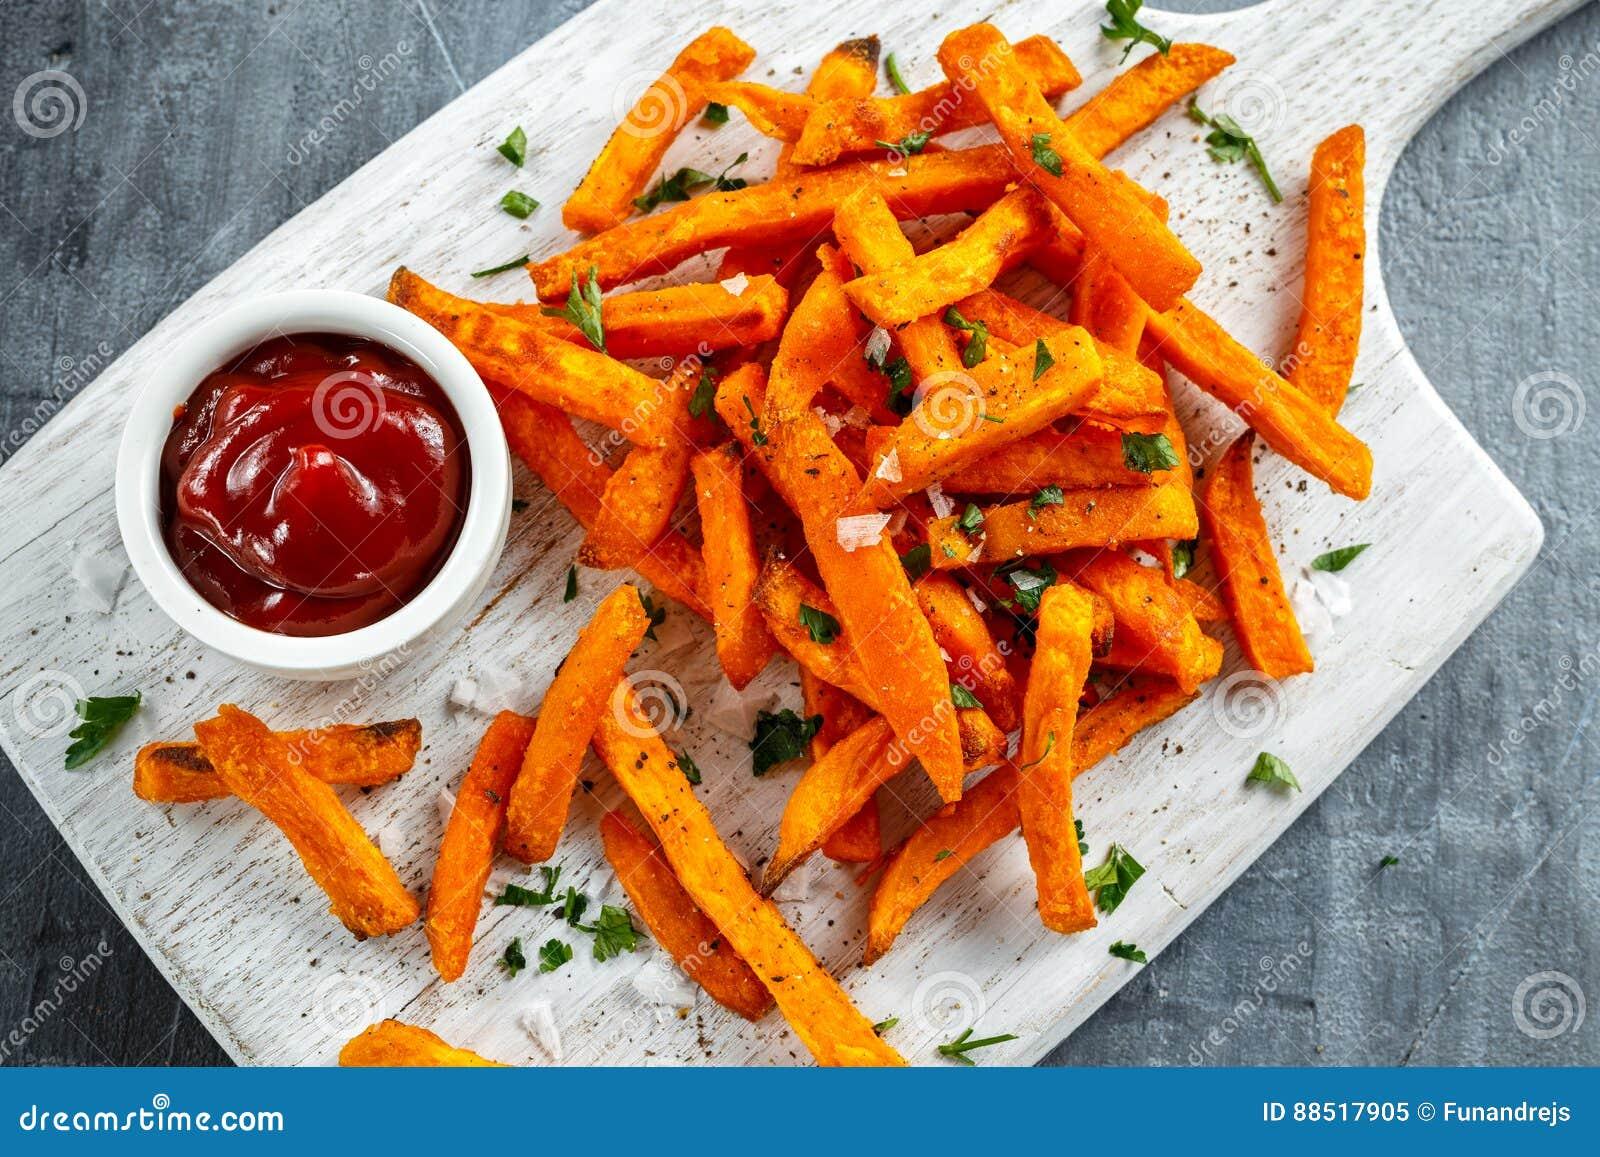 Gezonde Eigengemaakte Gebakken Oranje Bataatgebraden gerechten met ketchup, zout, peper op witte houten raad